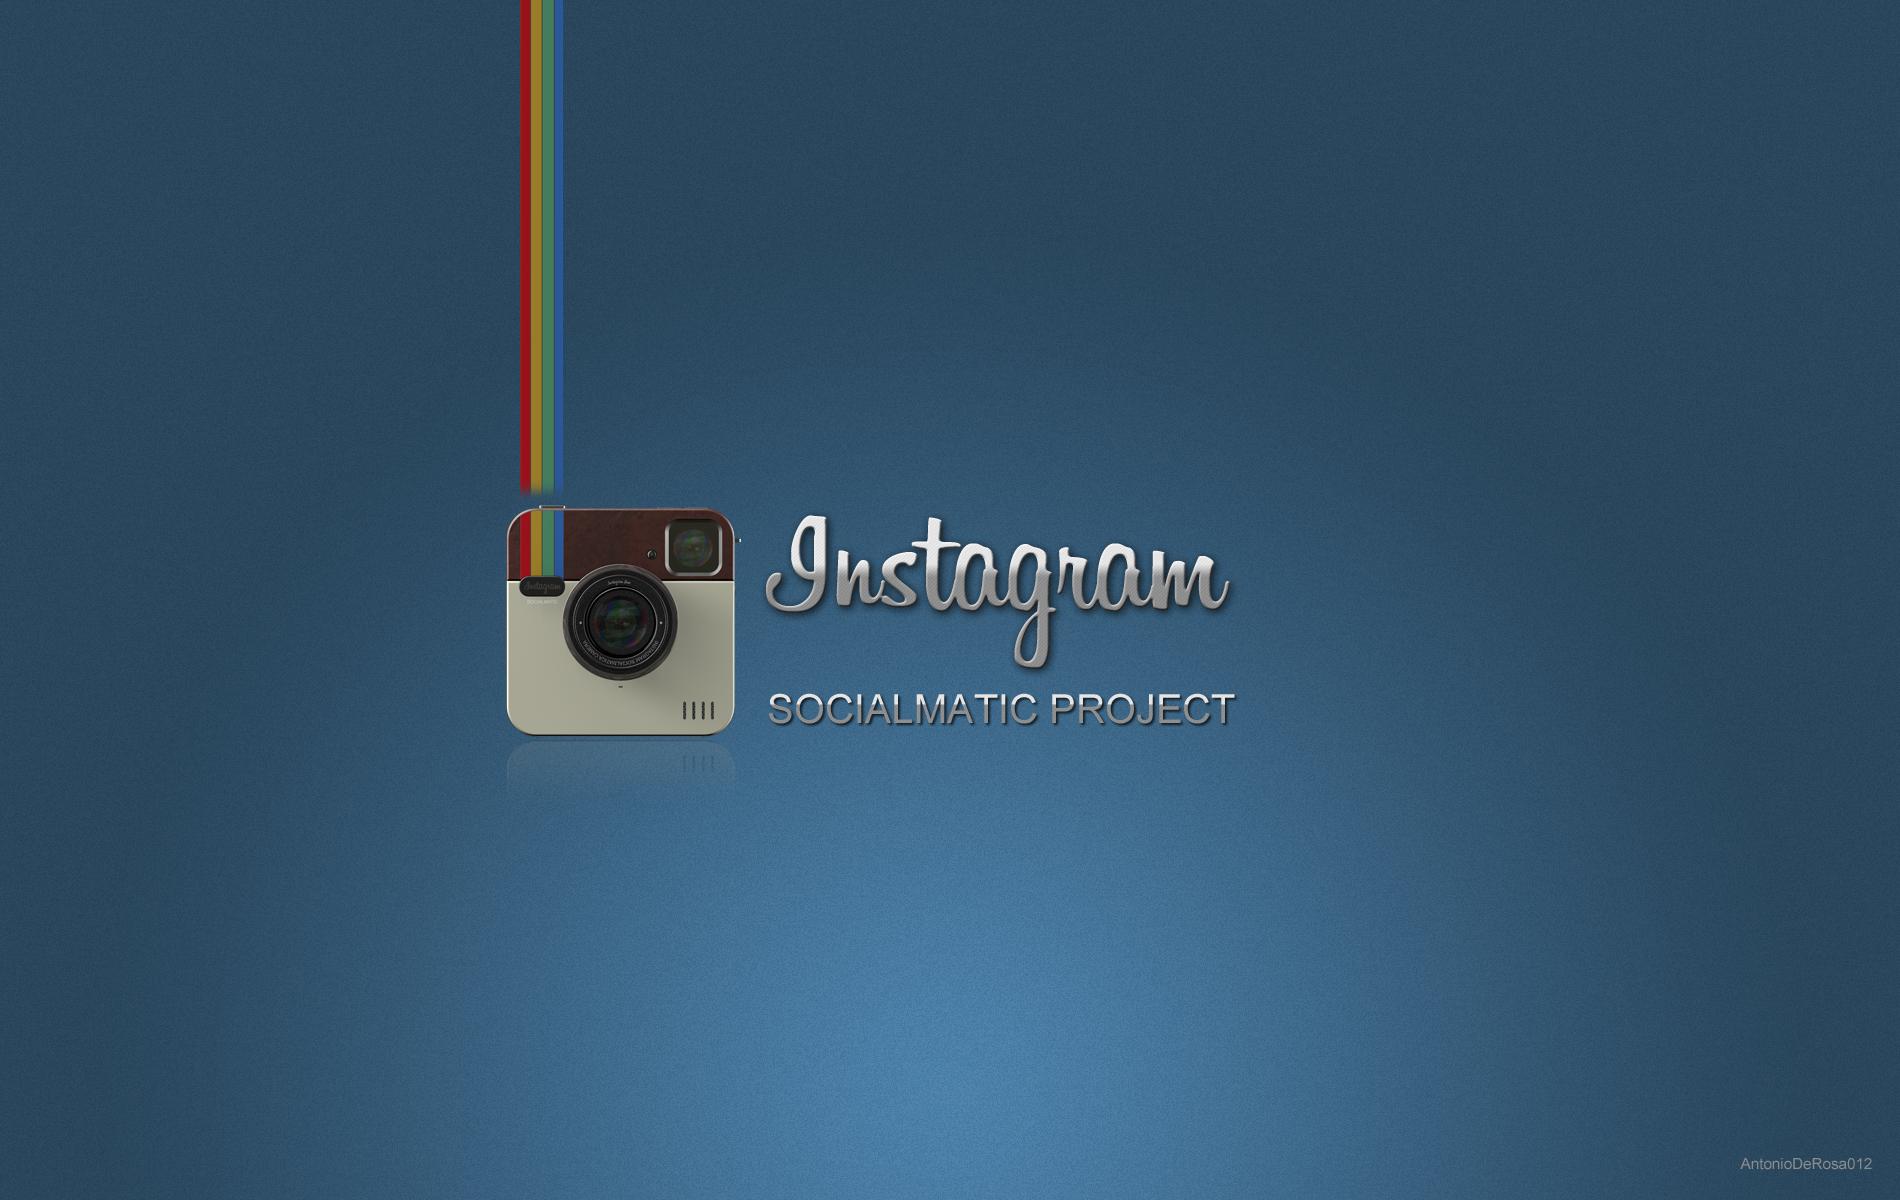 Instagram Concept Camera Mimics The Logo Look 1900x1200